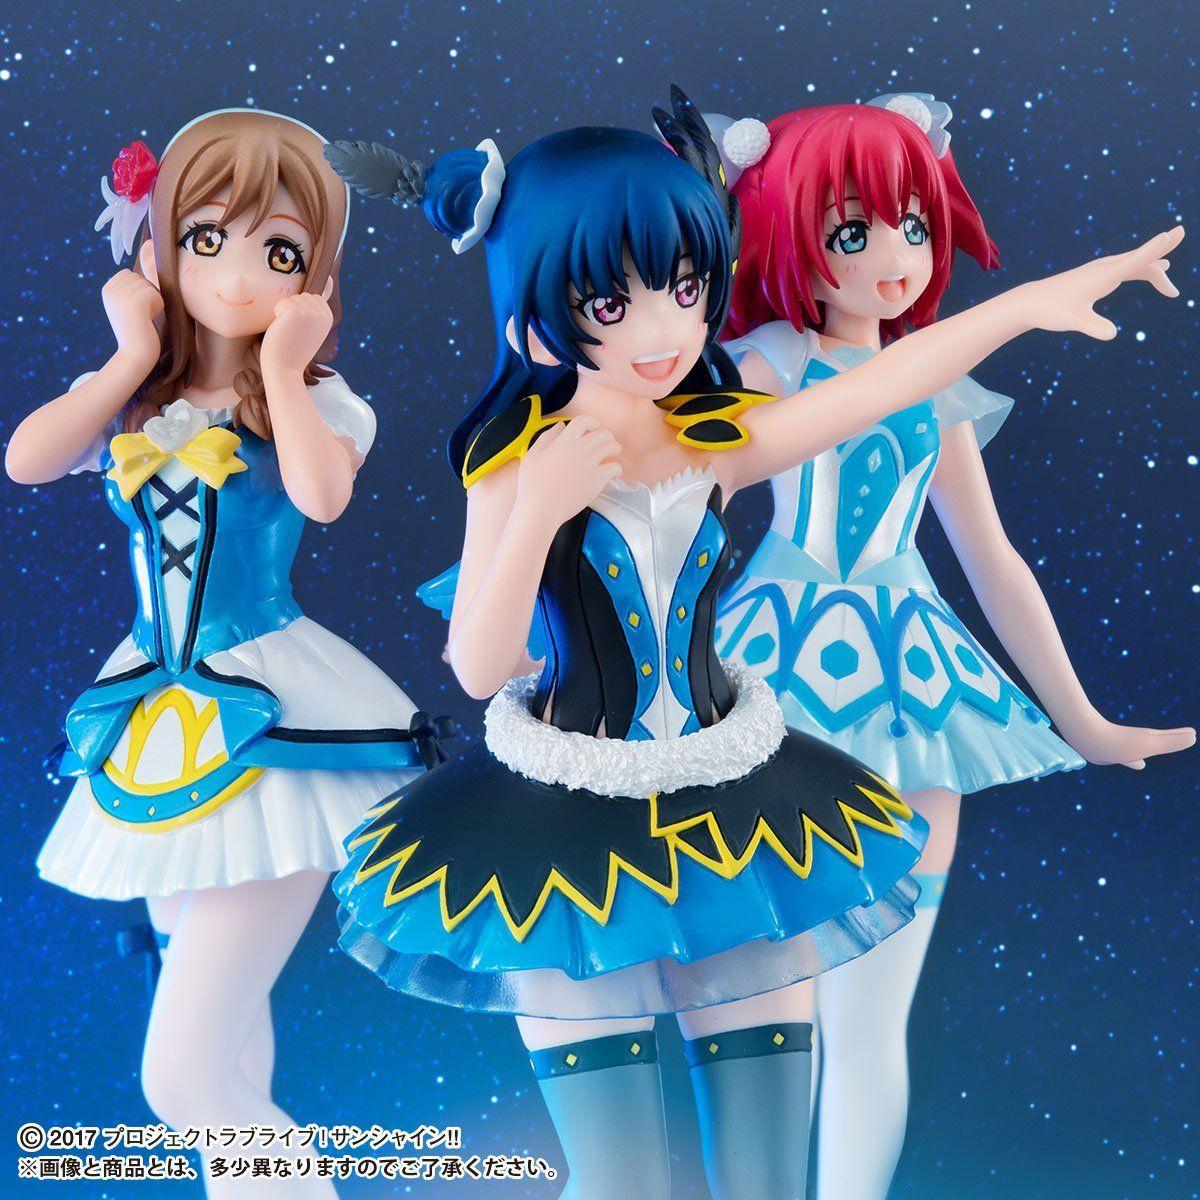 Gasha Portraits『ラブライブ!サンシャイン!! ~WATER BLUE NEW WORLD SET~』セット-006